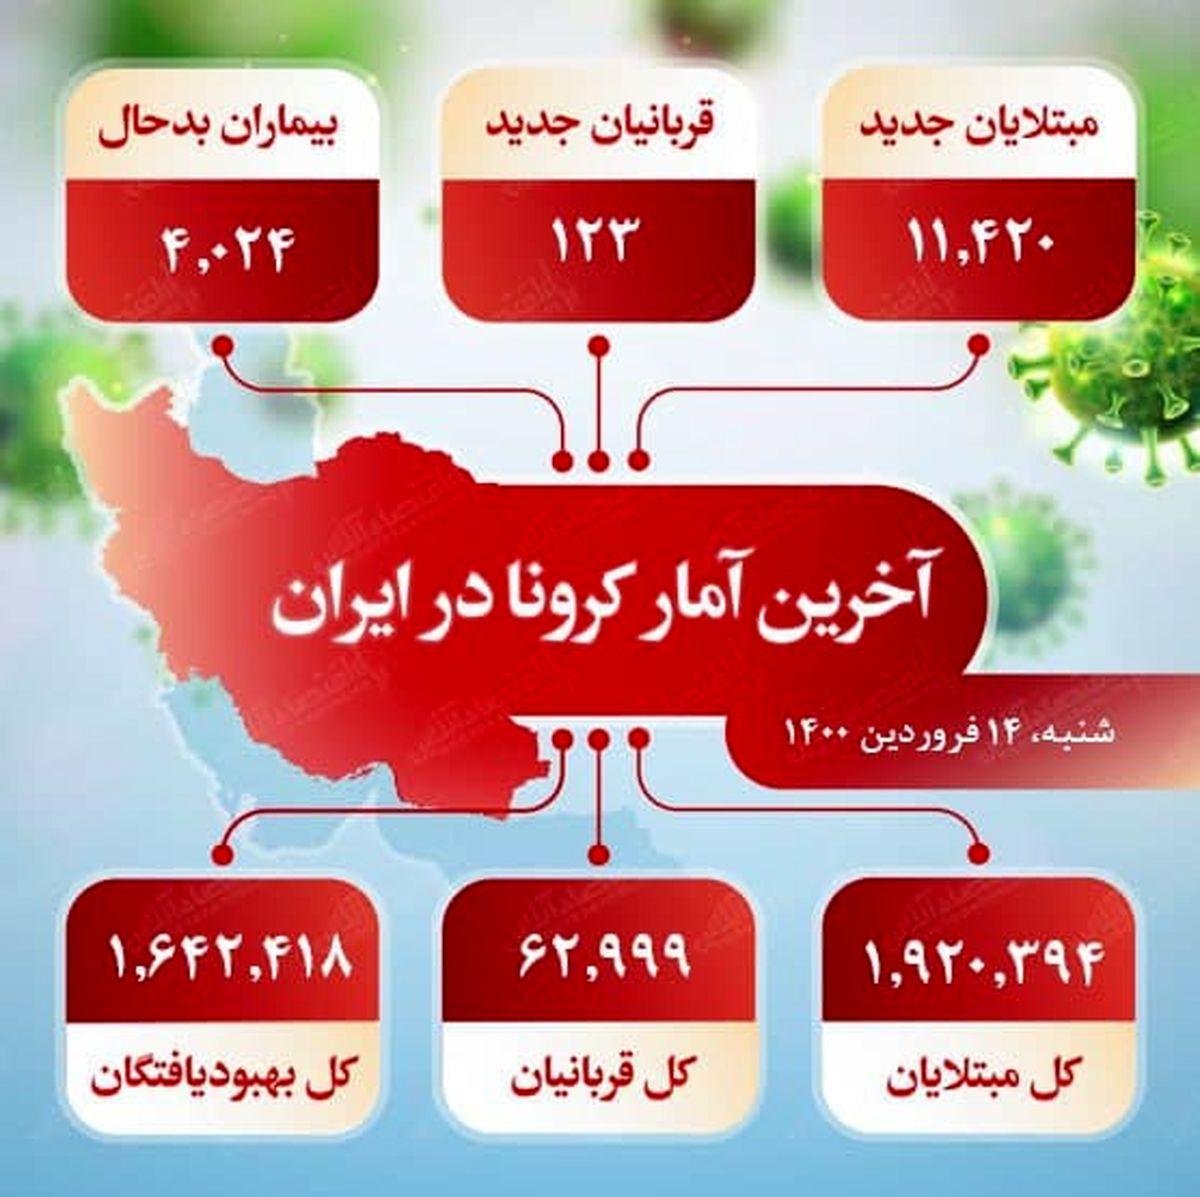 آخرین آمار کرونا در ایران (۱۴۰۰/۱/۱۴)